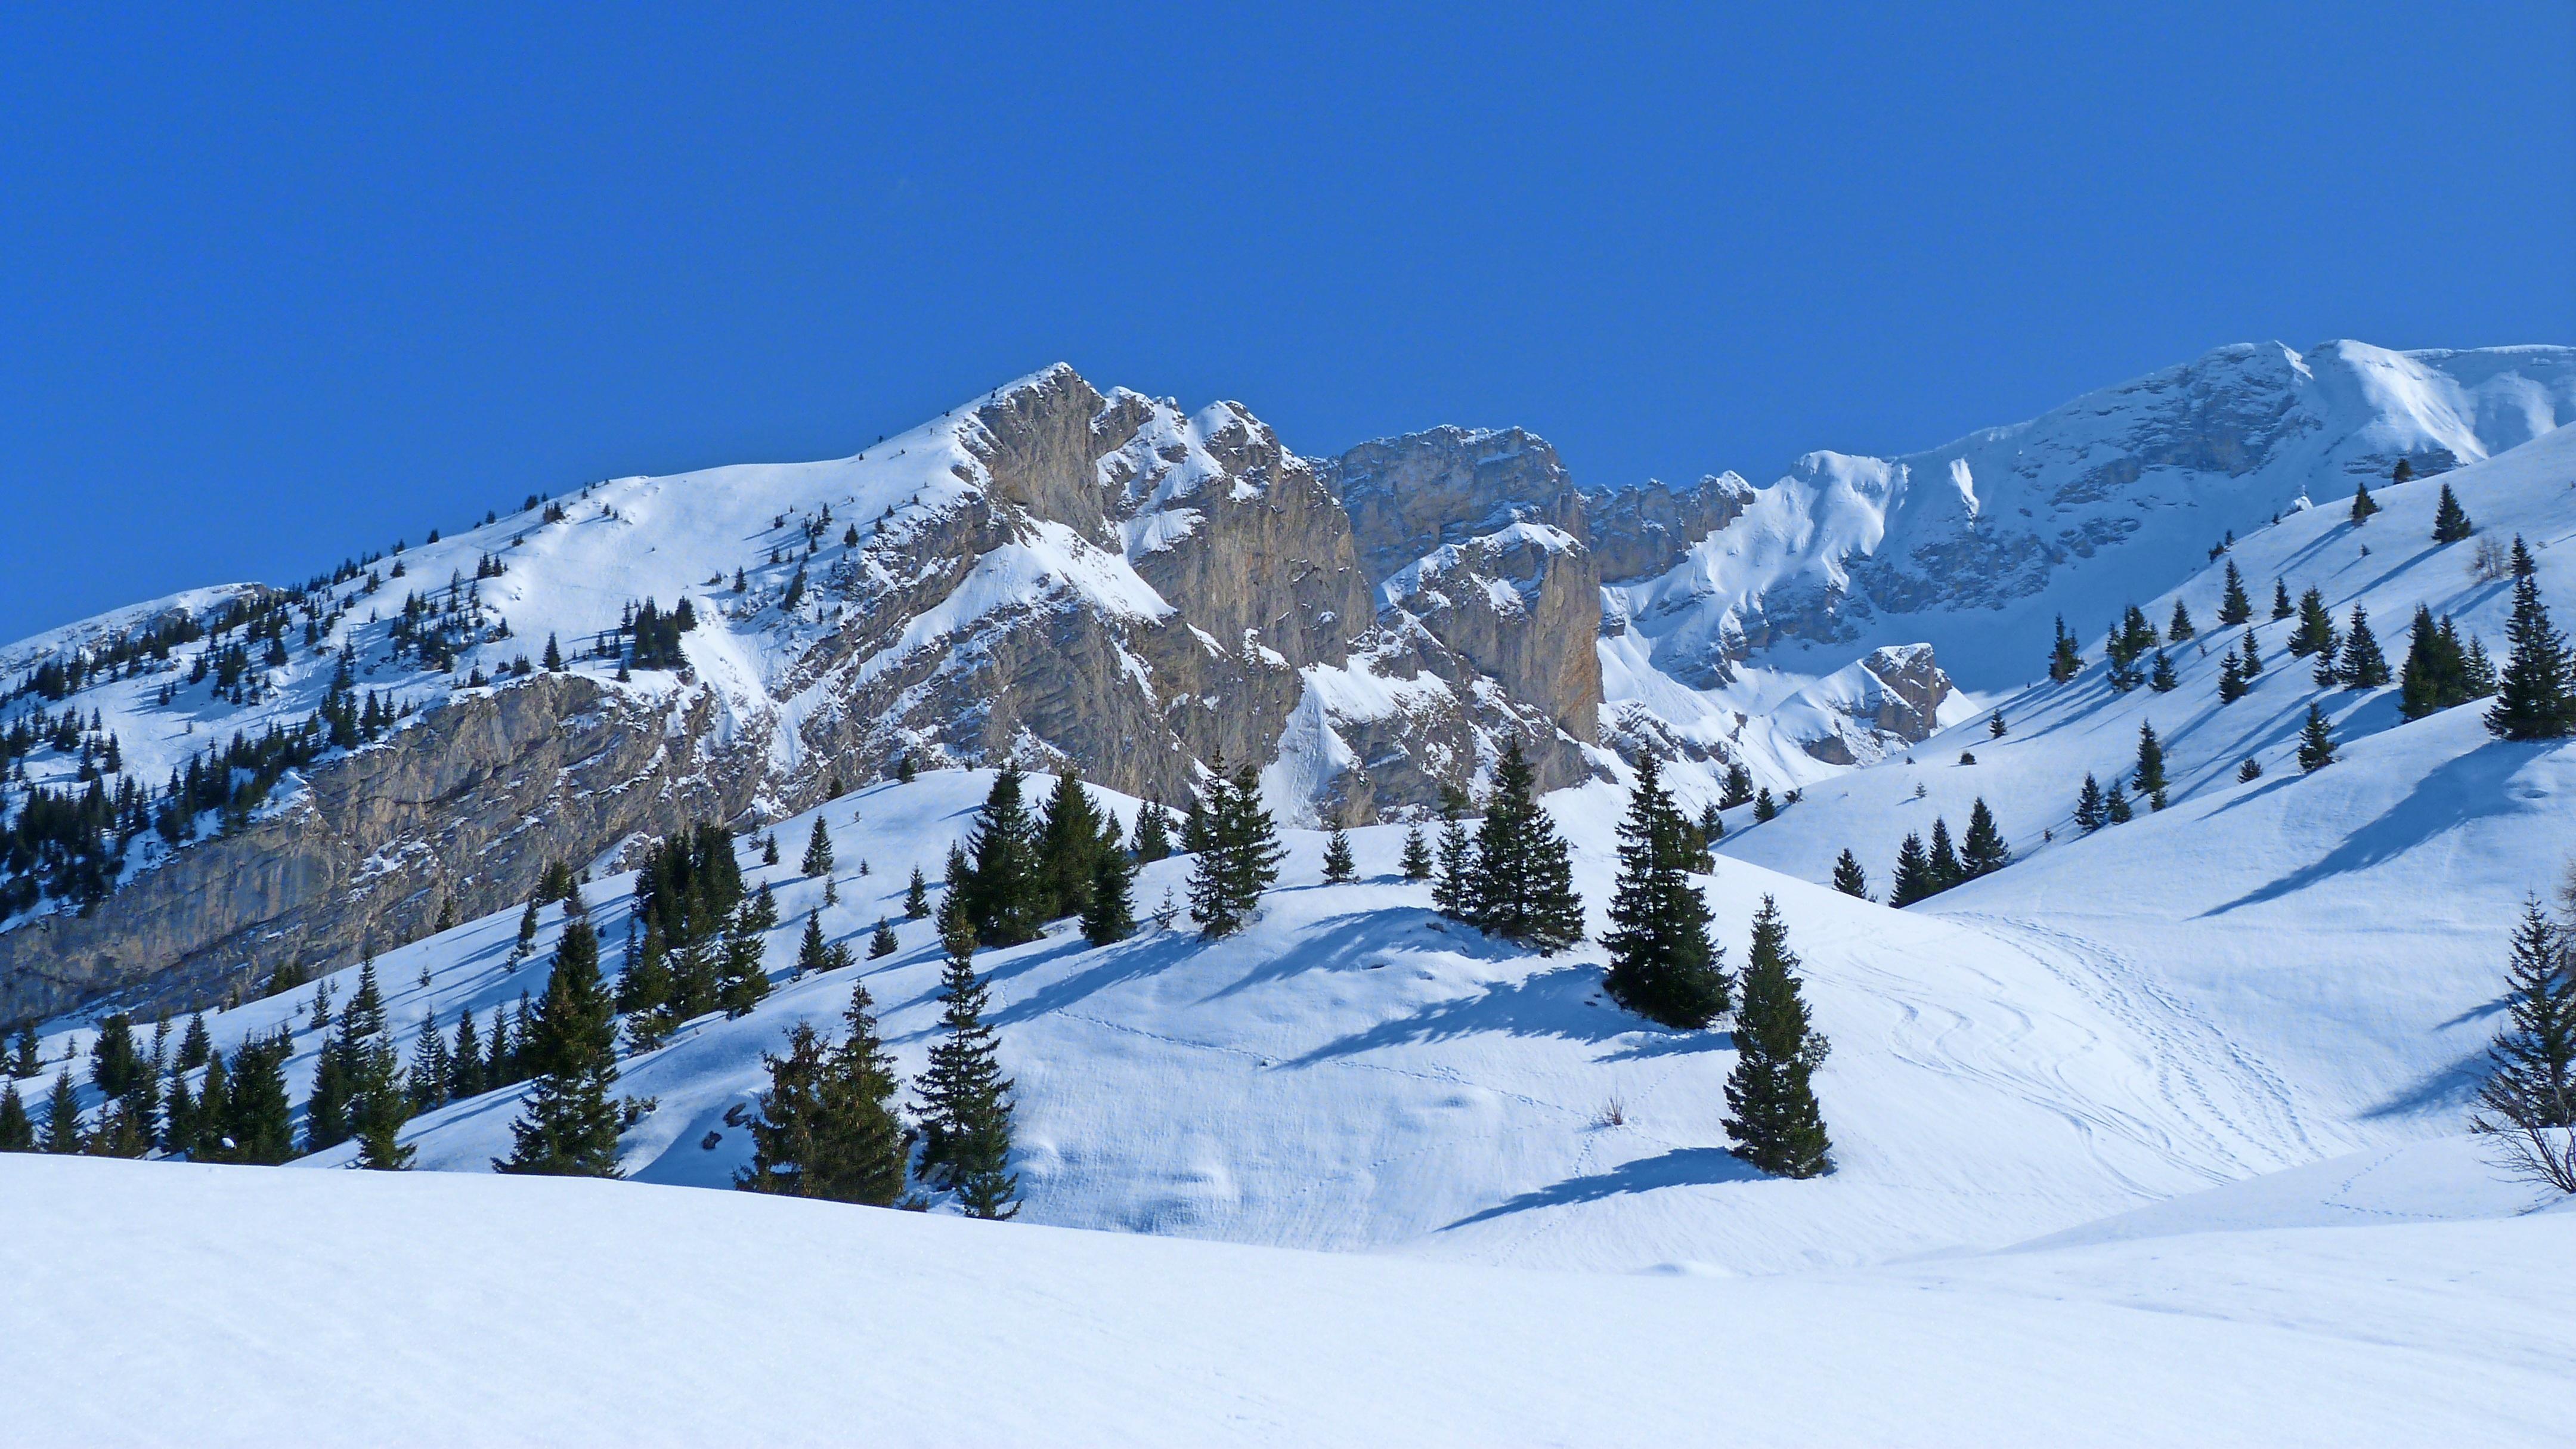 images gratuites paysage la nature neige hiver ciel cha ne de montagnes m t o saison. Black Bedroom Furniture Sets. Home Design Ideas